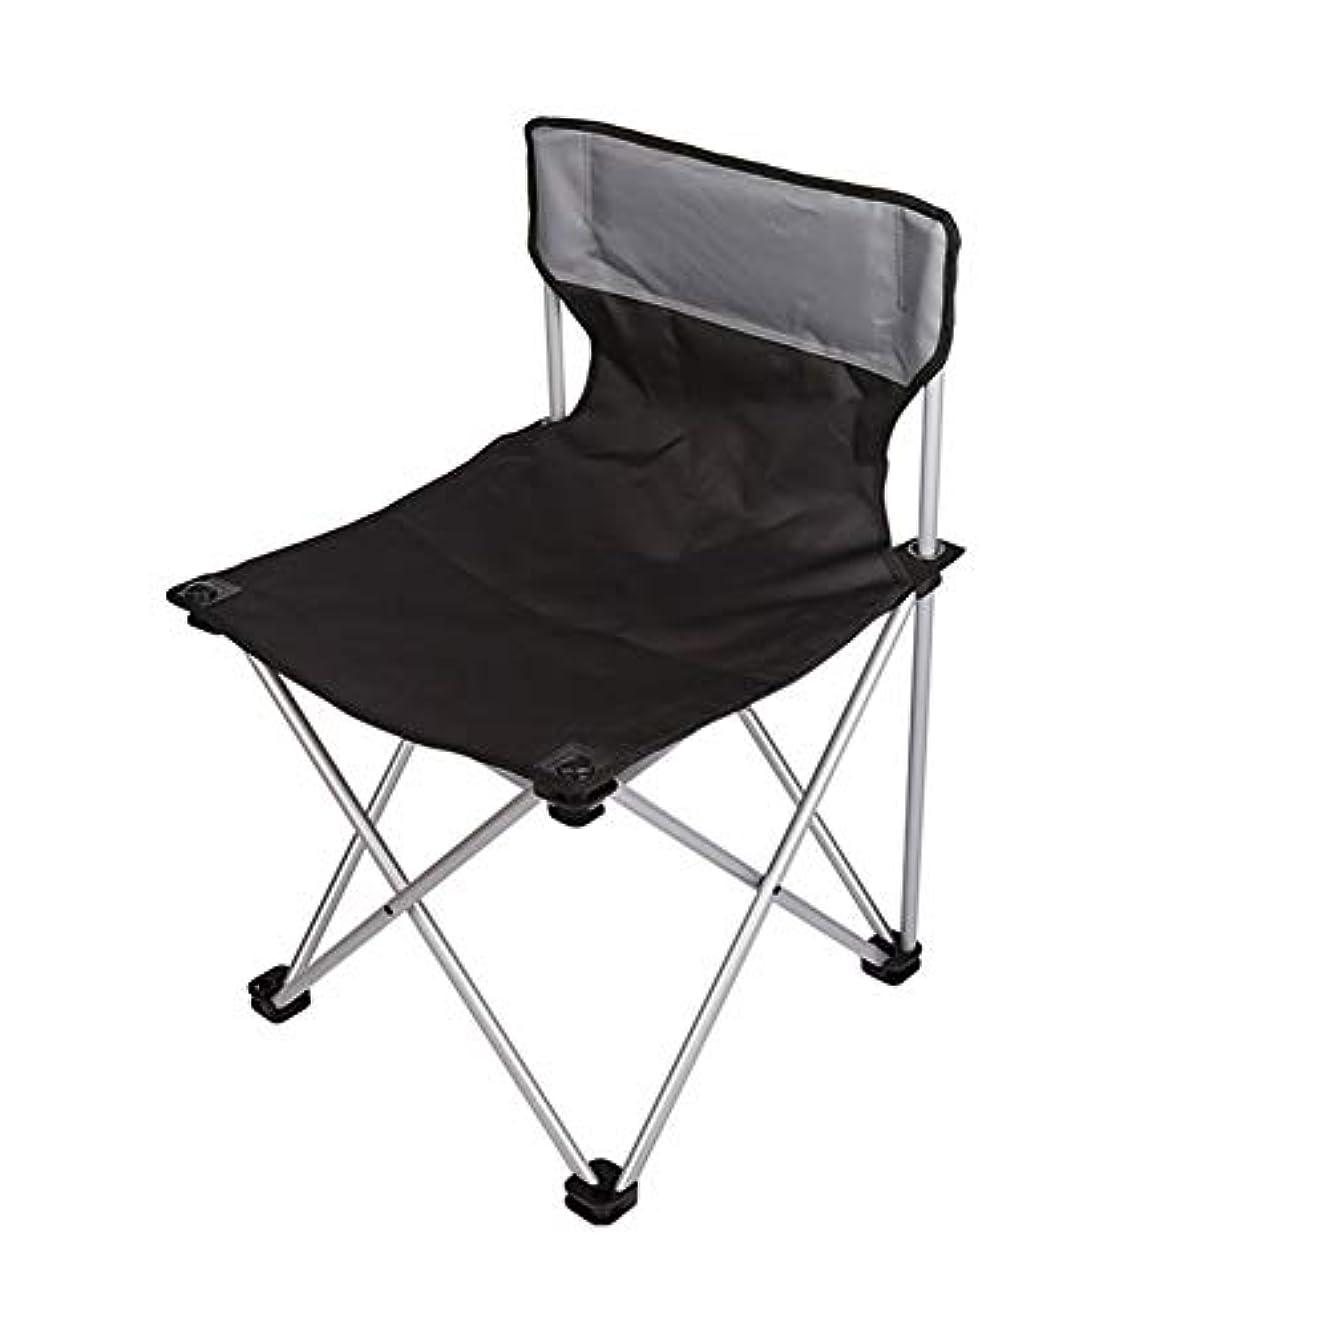 ローン良性三コンパクトキャンプチェア超軽量ポータブル折りたたみバックパッキングチェア - アウトドアキャンプ、旅行、ビーチ、ピクニック、フェスティバル、ハイキングシート (Color : Black)